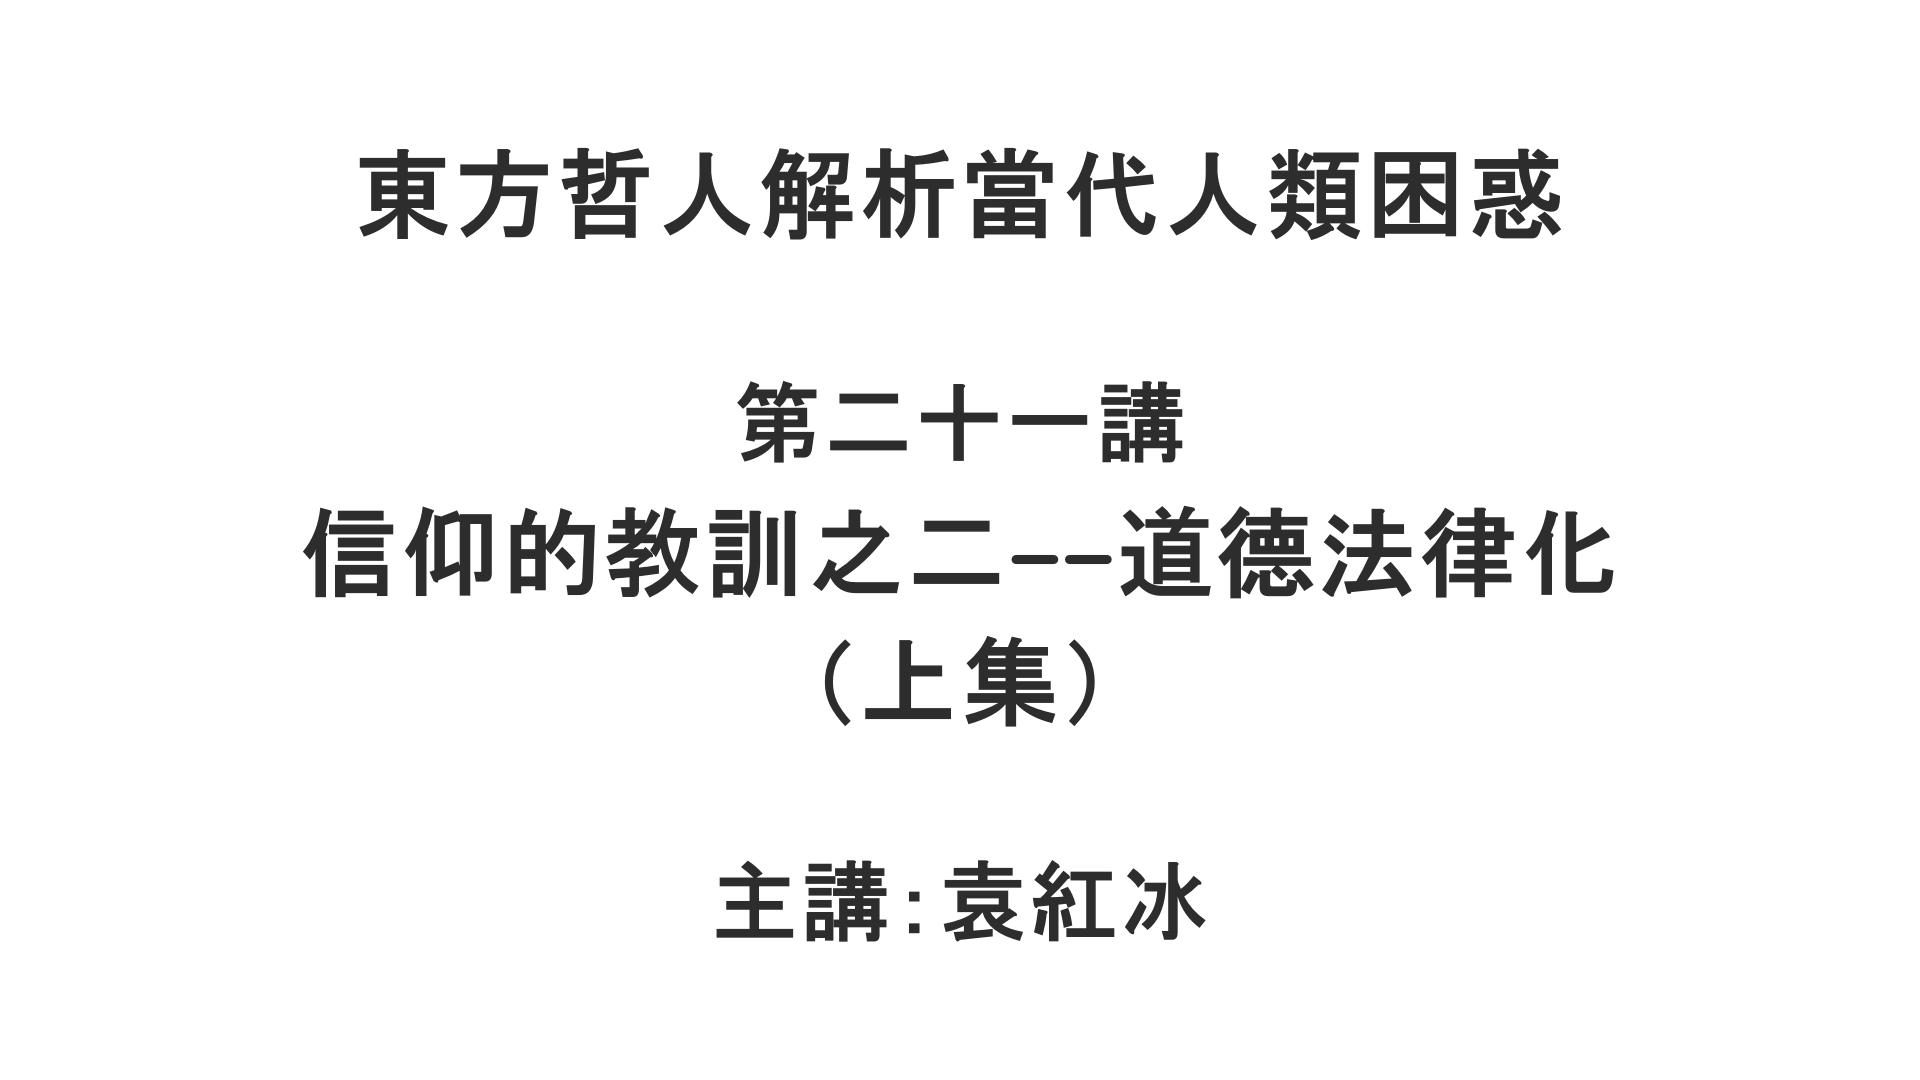 YuanZhongBing-XingTan-4-21-05092021